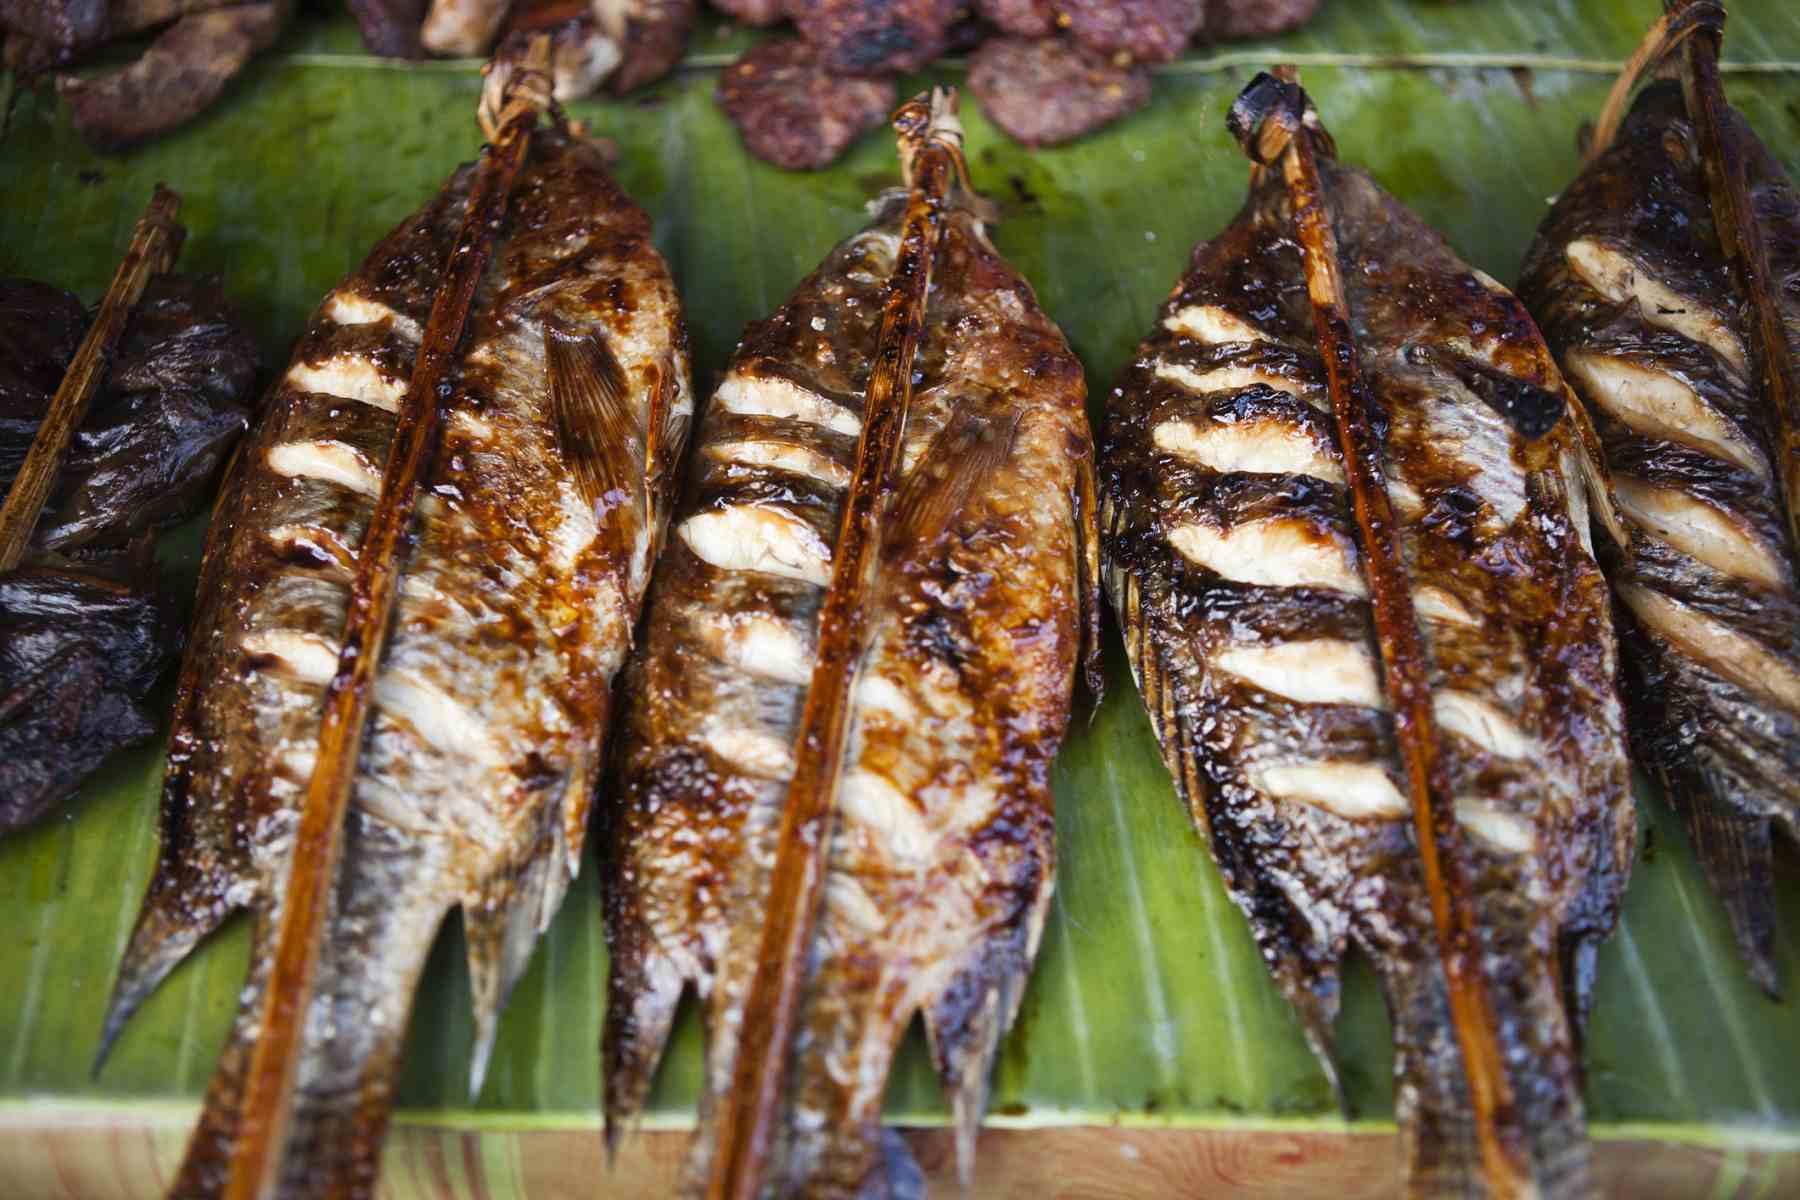 Skewers of ping pa, or roast fish